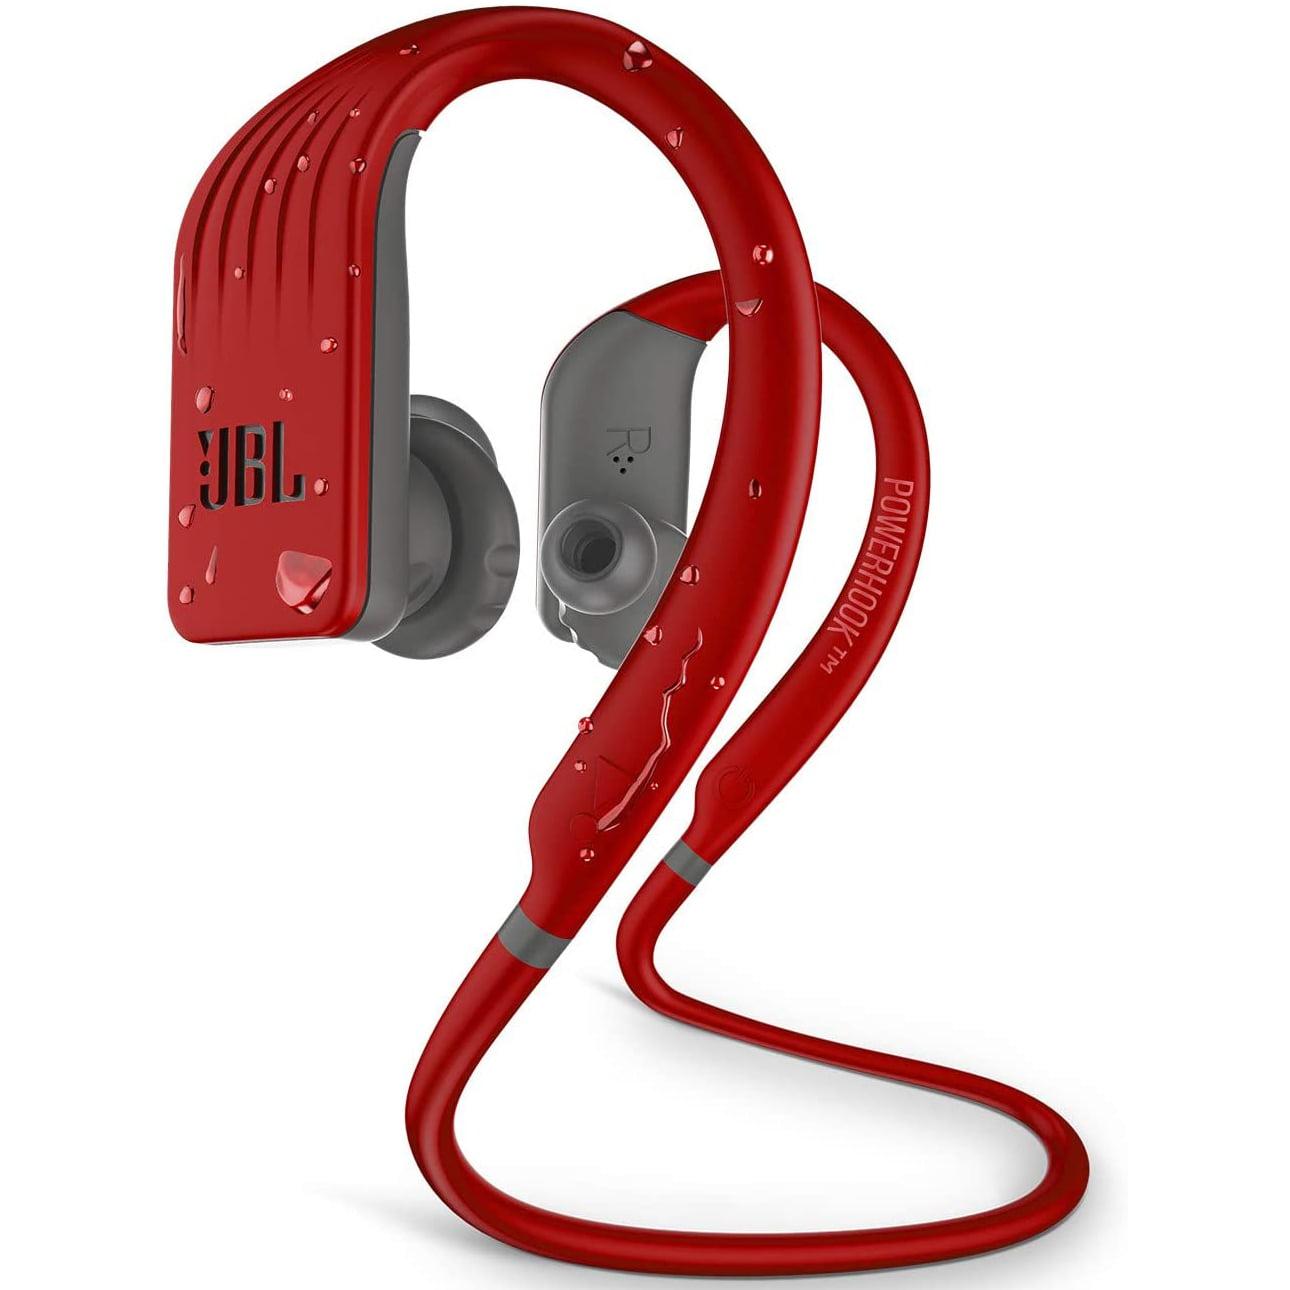 Casti In-Ear JBL Endurance Jump, Wireless, Bluetooth, Autonomie 8 ore, IPX7, Red